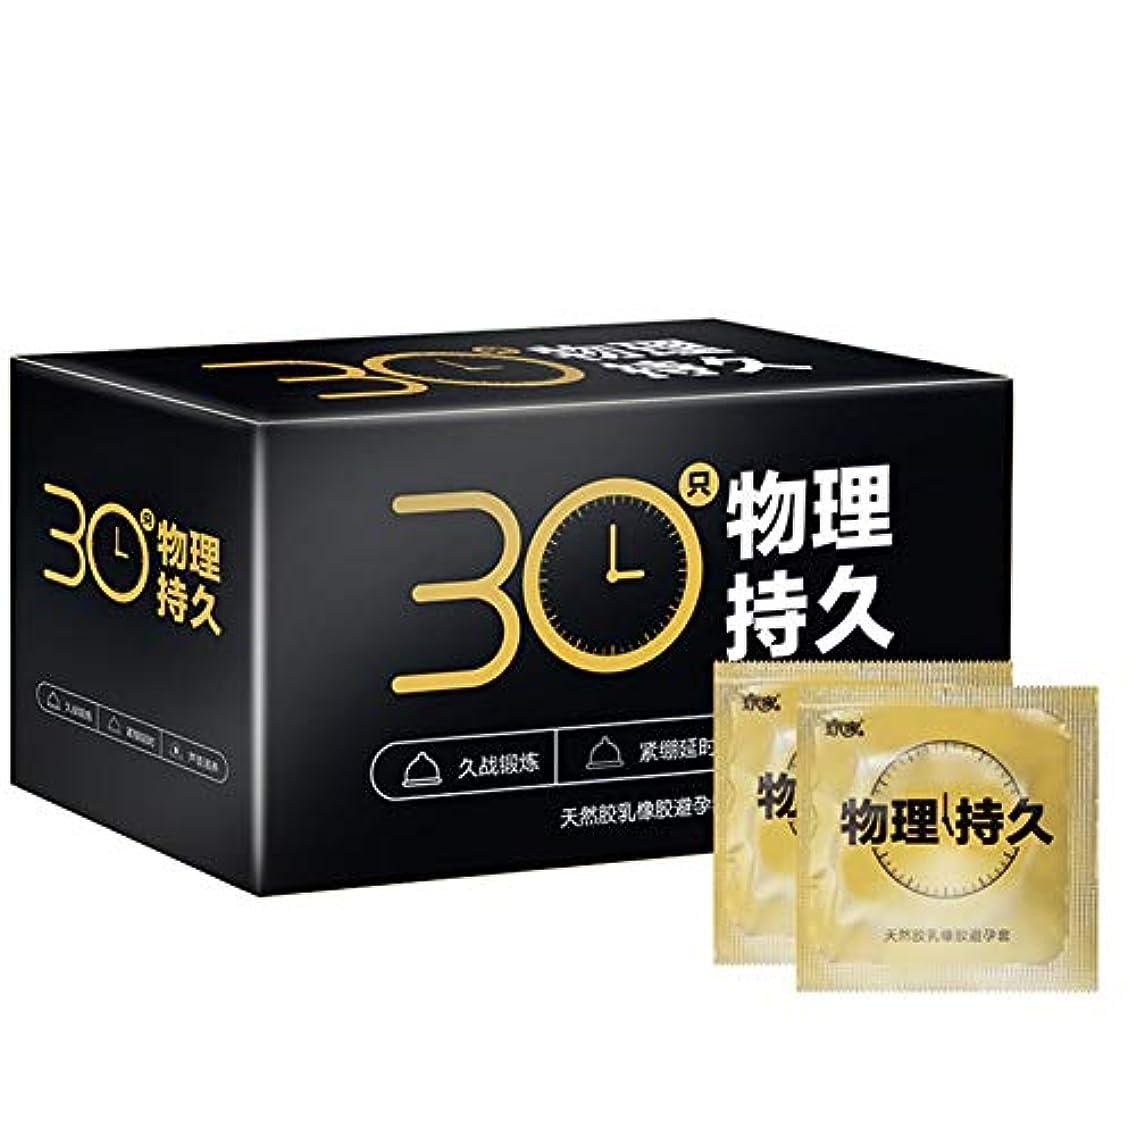 クールマウス共産主義YBT 業務用コンドーム 避妊具 超薄 安全 衛生 物理延長時間 アロエゼリー ヒアルロン酸 水溶性 男性用 30pcs入り